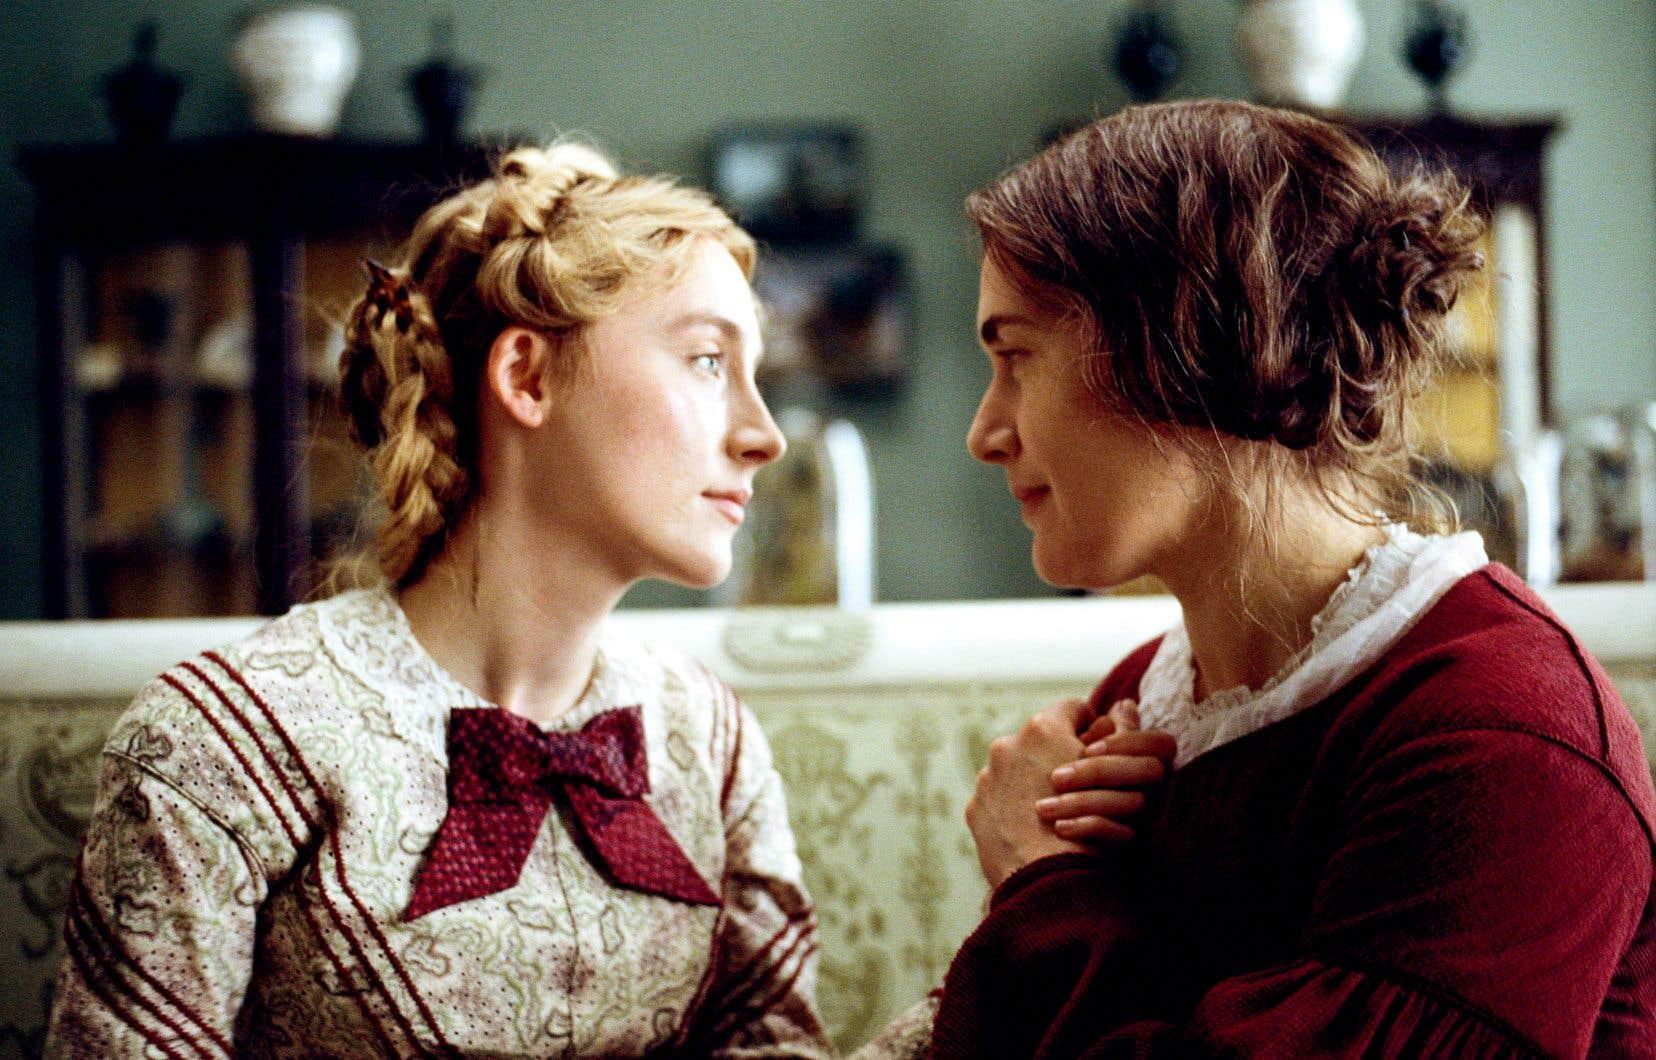 Dans «Ammonite», les actrices Saoirse Ronan et Kate Winslet partagent une indéniable chimie.